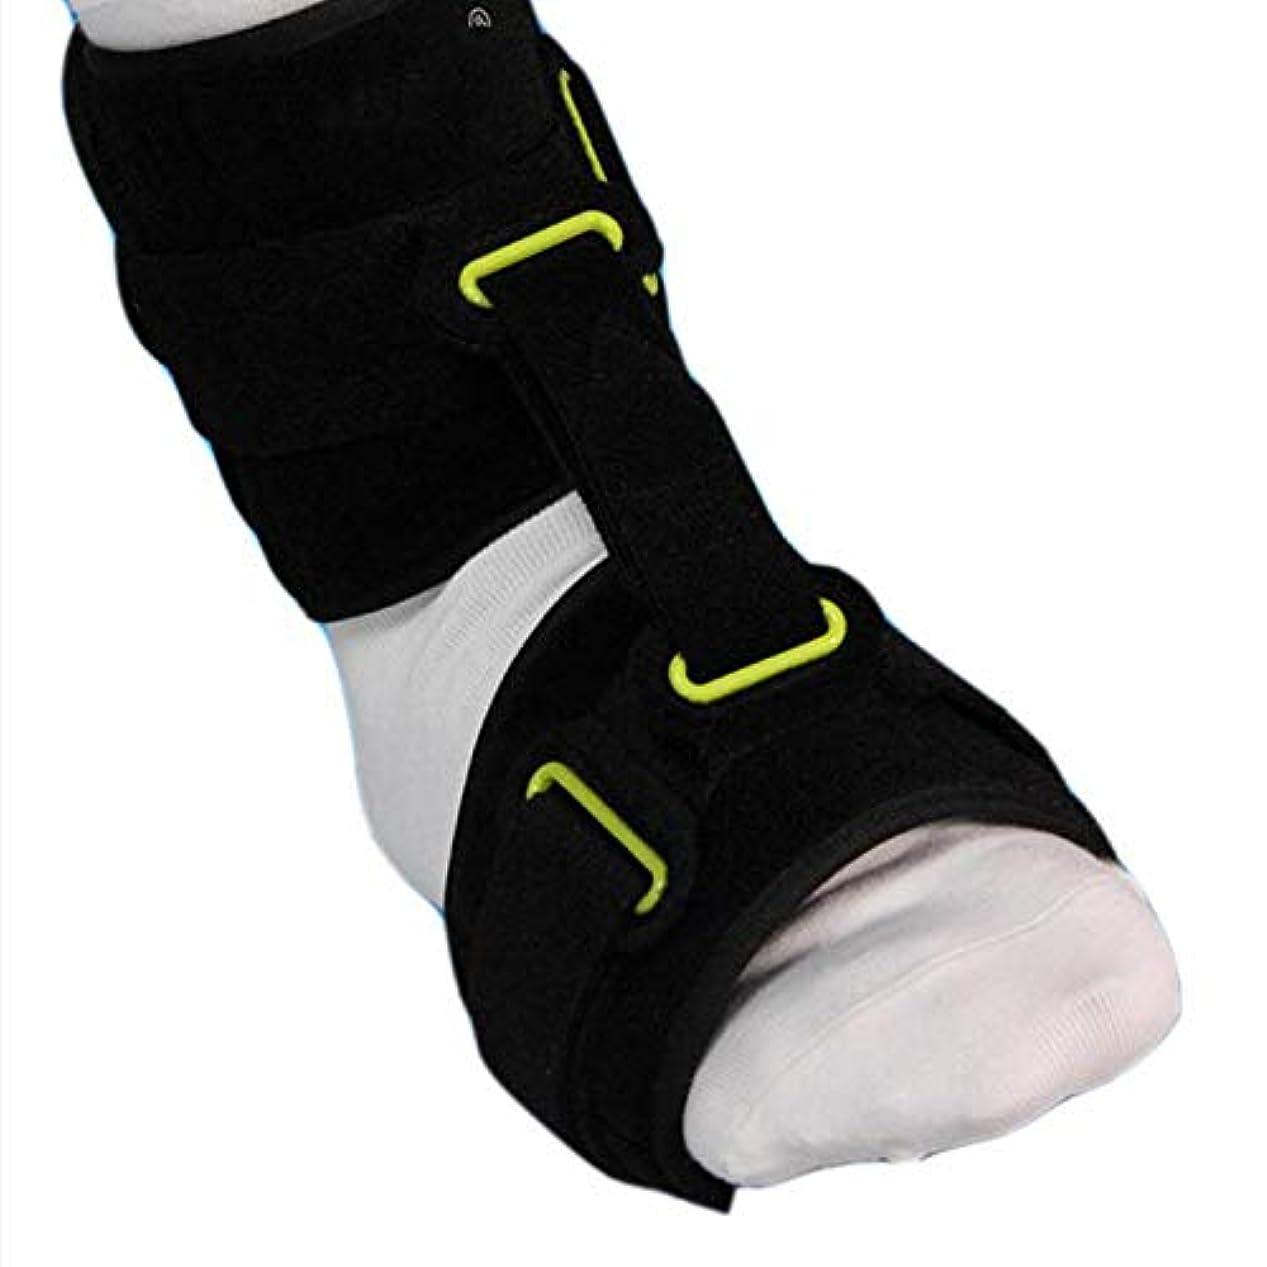 ビリー問い合わせ背が高い足首関節フットドロップ装具、調整可能な足首装具補正AFOが足底筋膜炎の昼と夜の副木装具をサポート